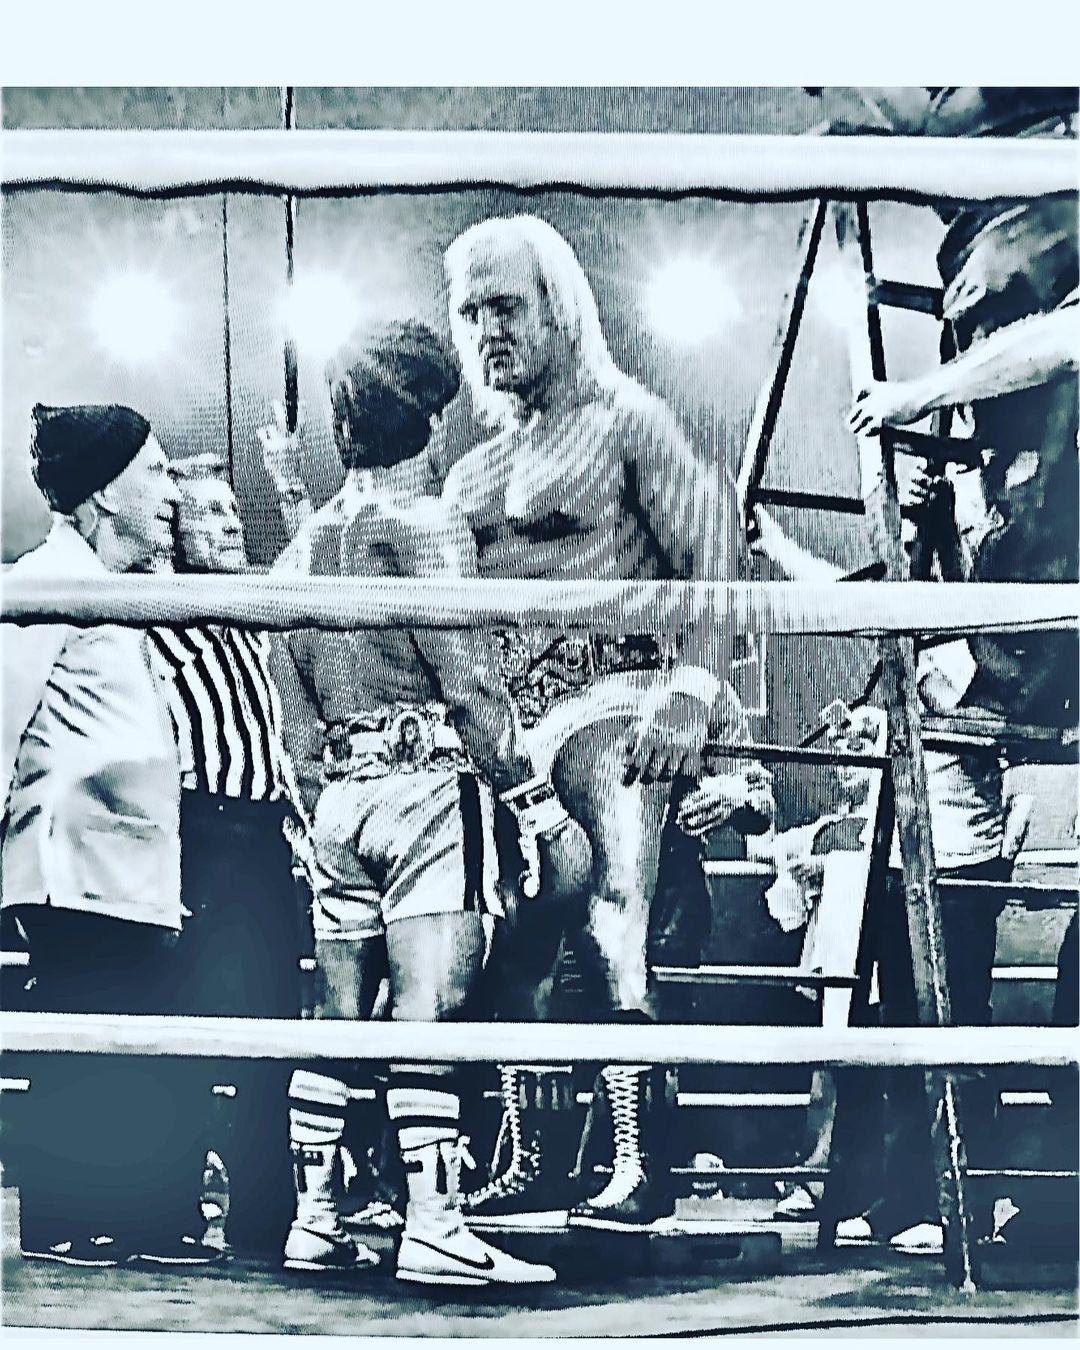 Burguess Meredith (1907-1997) como Mickey Goldmill, Sylvester Stallone como Rocky Balboa y Hulk Hogan como Thunderlips en el set de Rocky III (1982). Imagen: Sylvester Stallone Instagram (@officialslystallone).